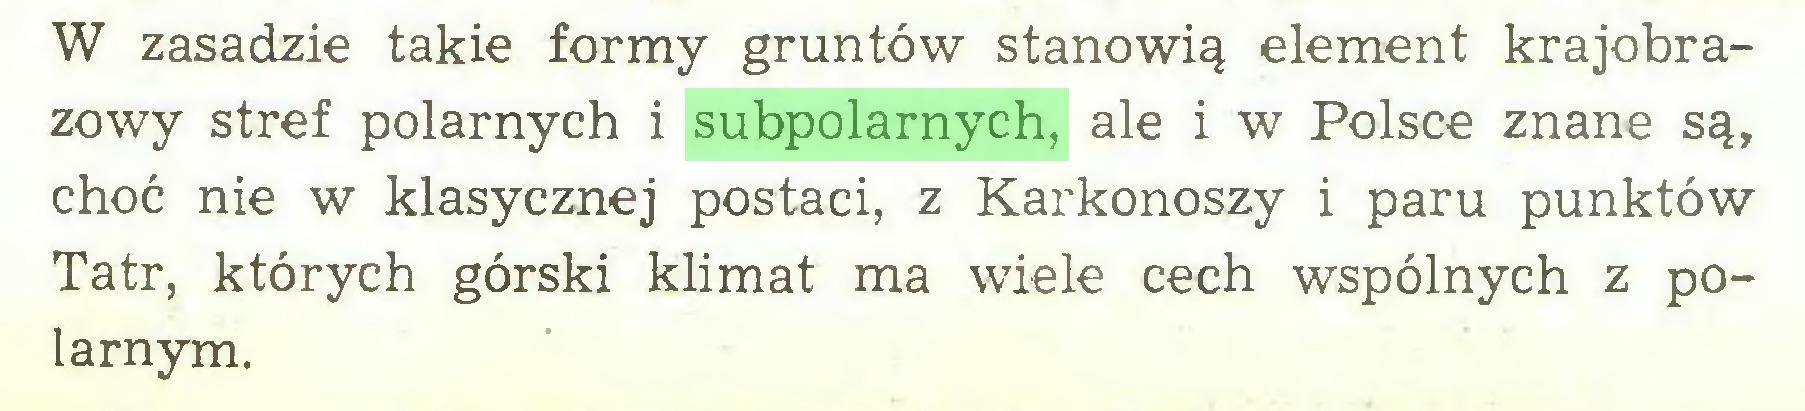 (...) W zasadzie takie formy gruntów stanowią element krajobrazowy stref polarnych i subpolarnych, ale i w Polsce znane są, choć nie w klasycznej postaci, z Karkonoszy i paru punktów Tatr, których górski klimat ma wiele cech wspólnych z polarnym...